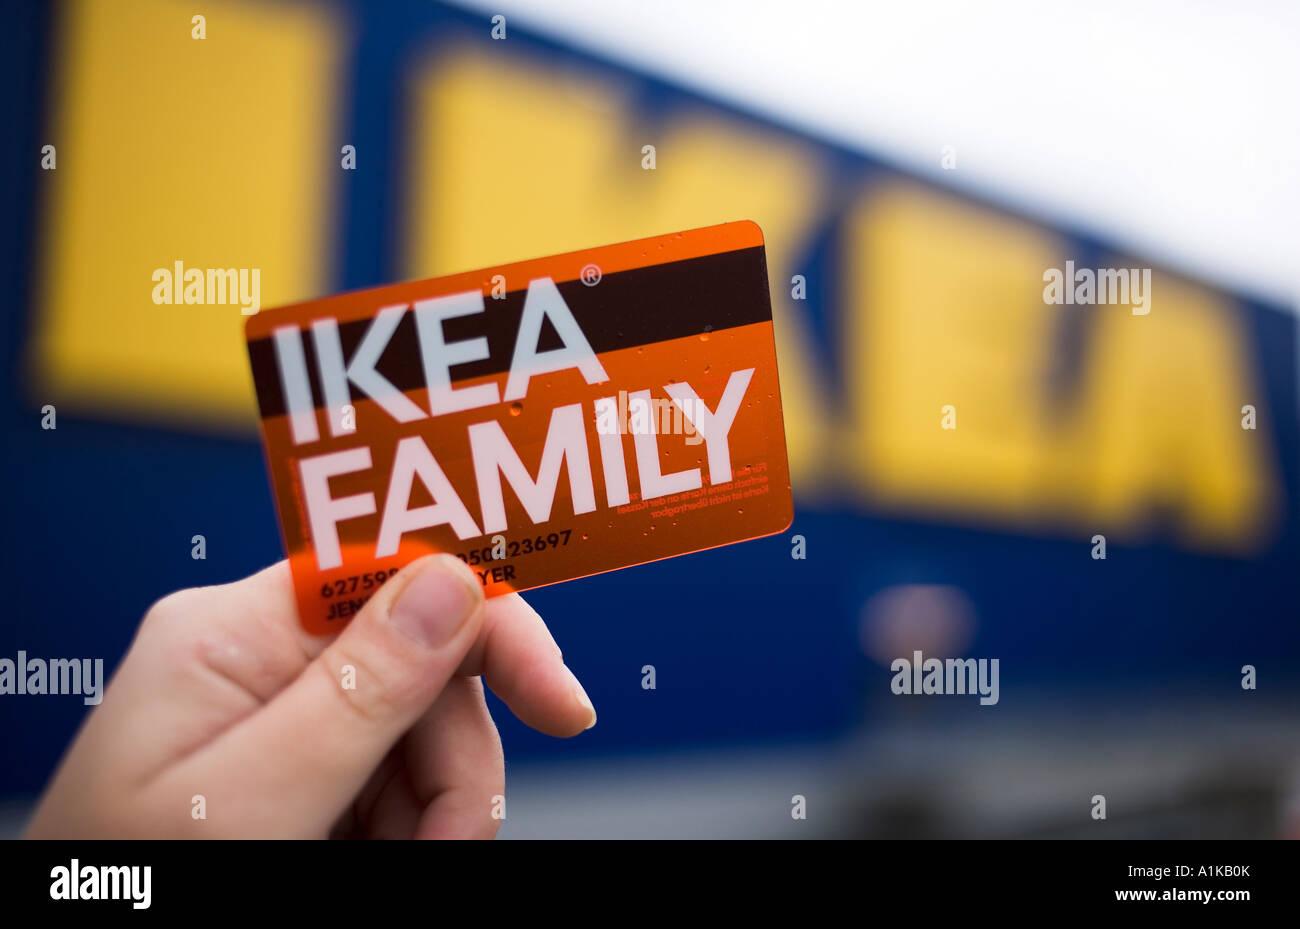 Neue Mitgliedskarte Für Ikea Family Mitglieder Stockfoto Bild